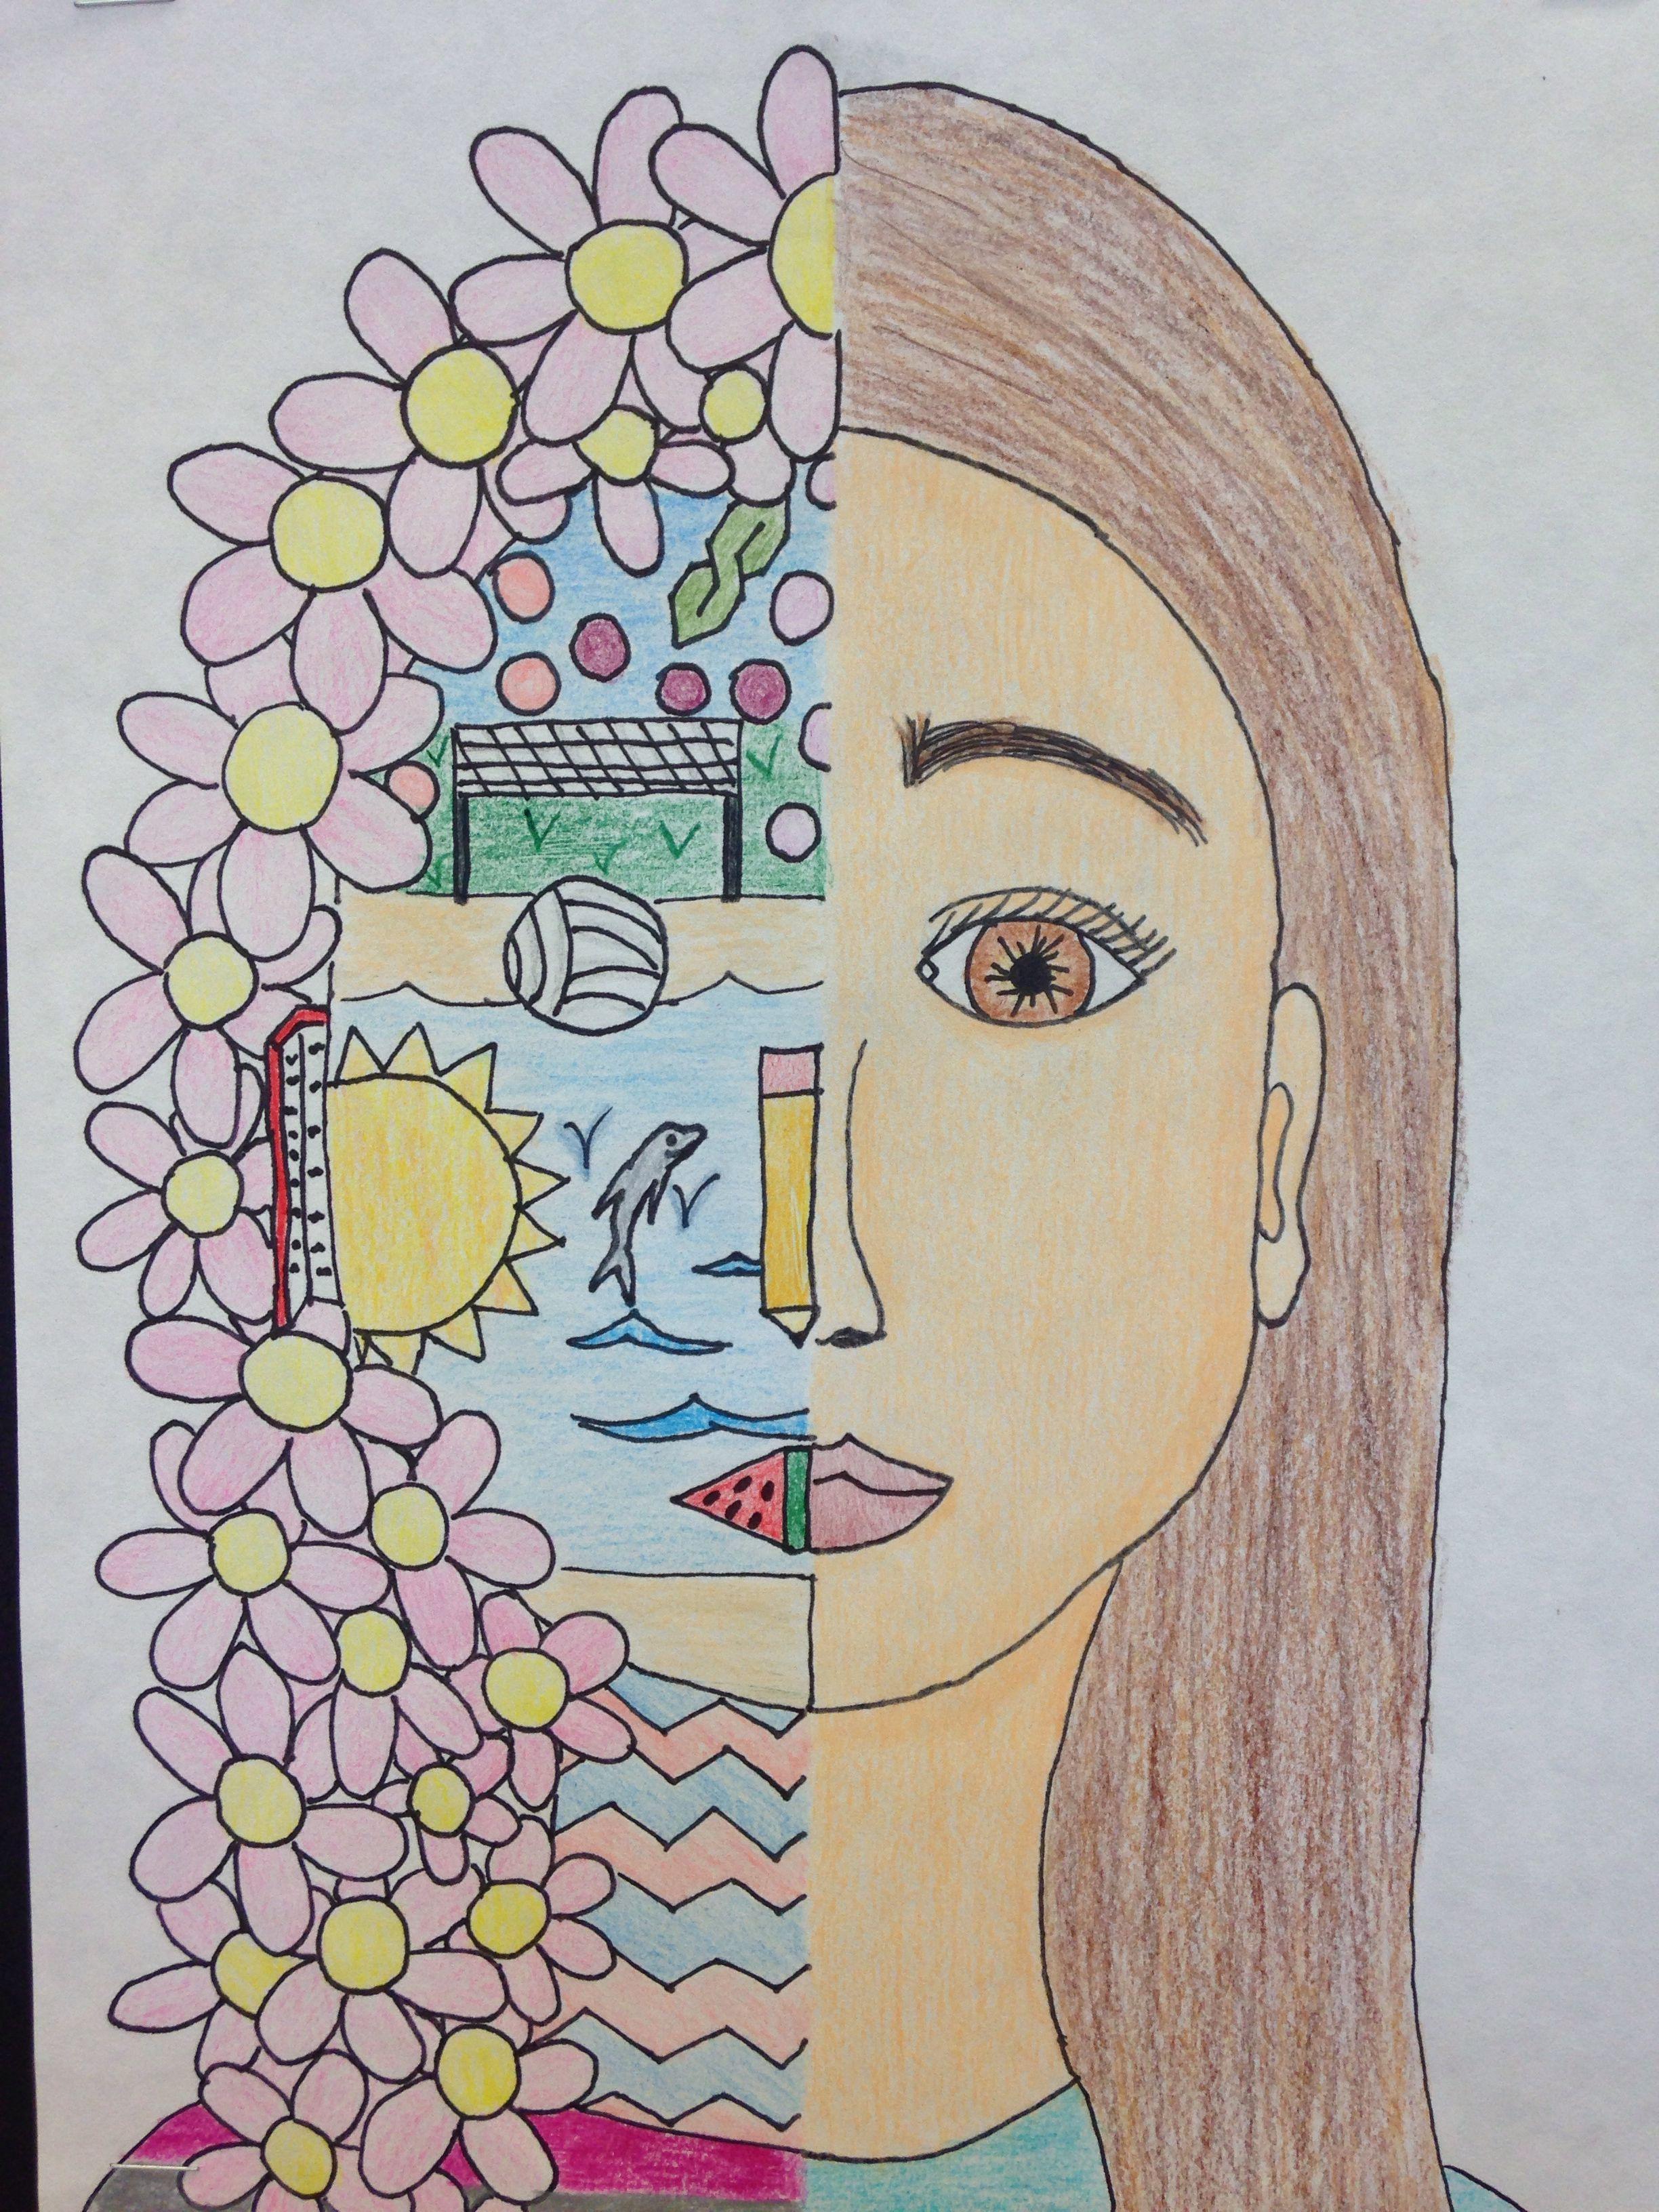 Split Face Self Portrait With Images